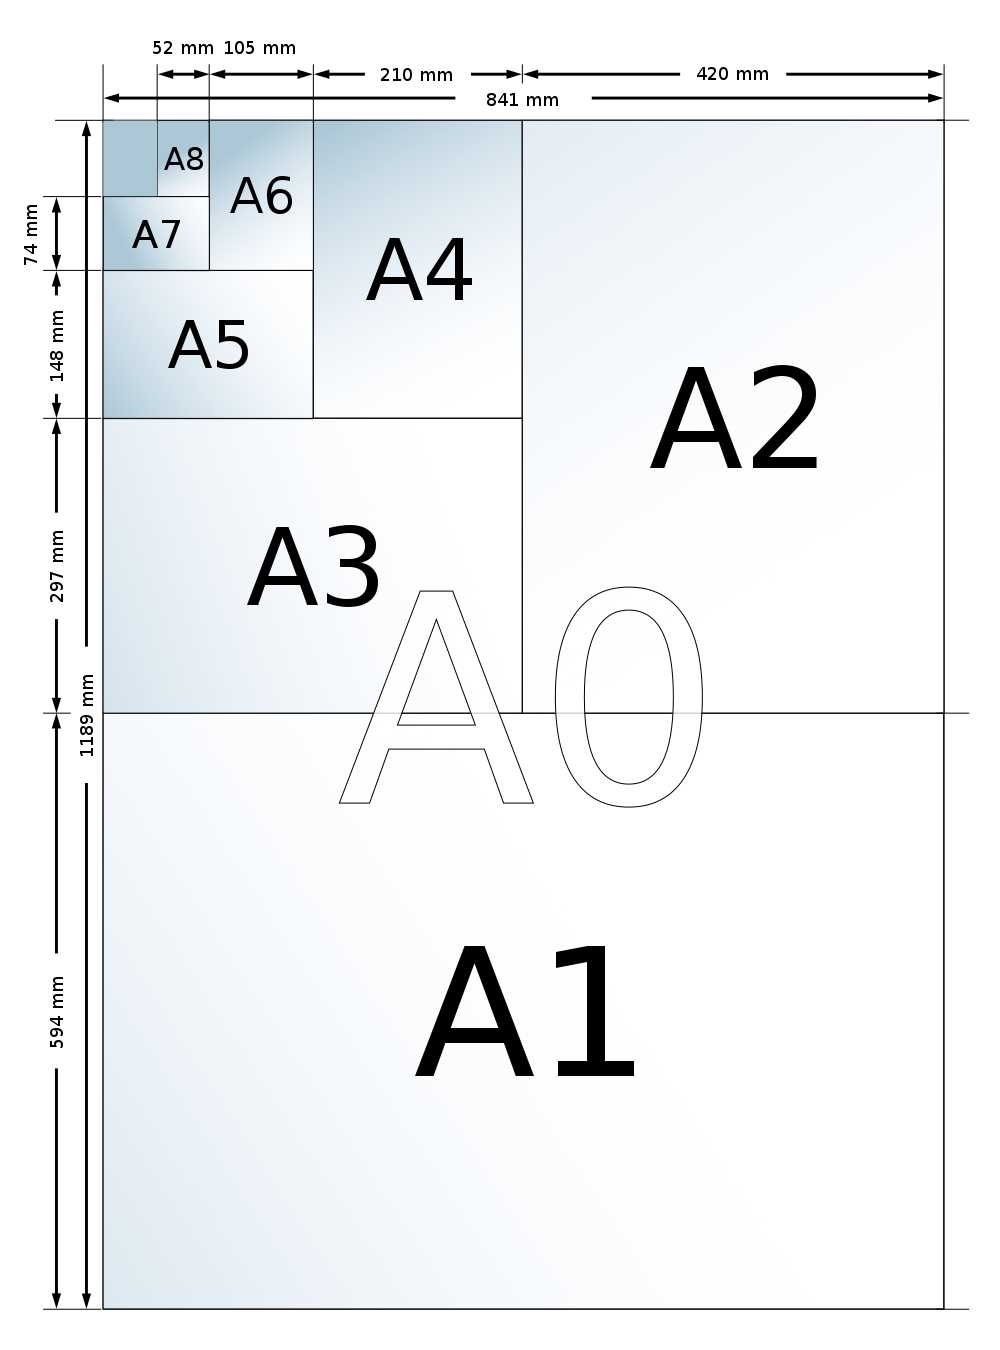 Ein Inhalt der DIN 476: Die Maße von DIN A0 bis DIN A8. Die Hälfte des jeweilig größeren Formats bildet dabei das kleinere Format.